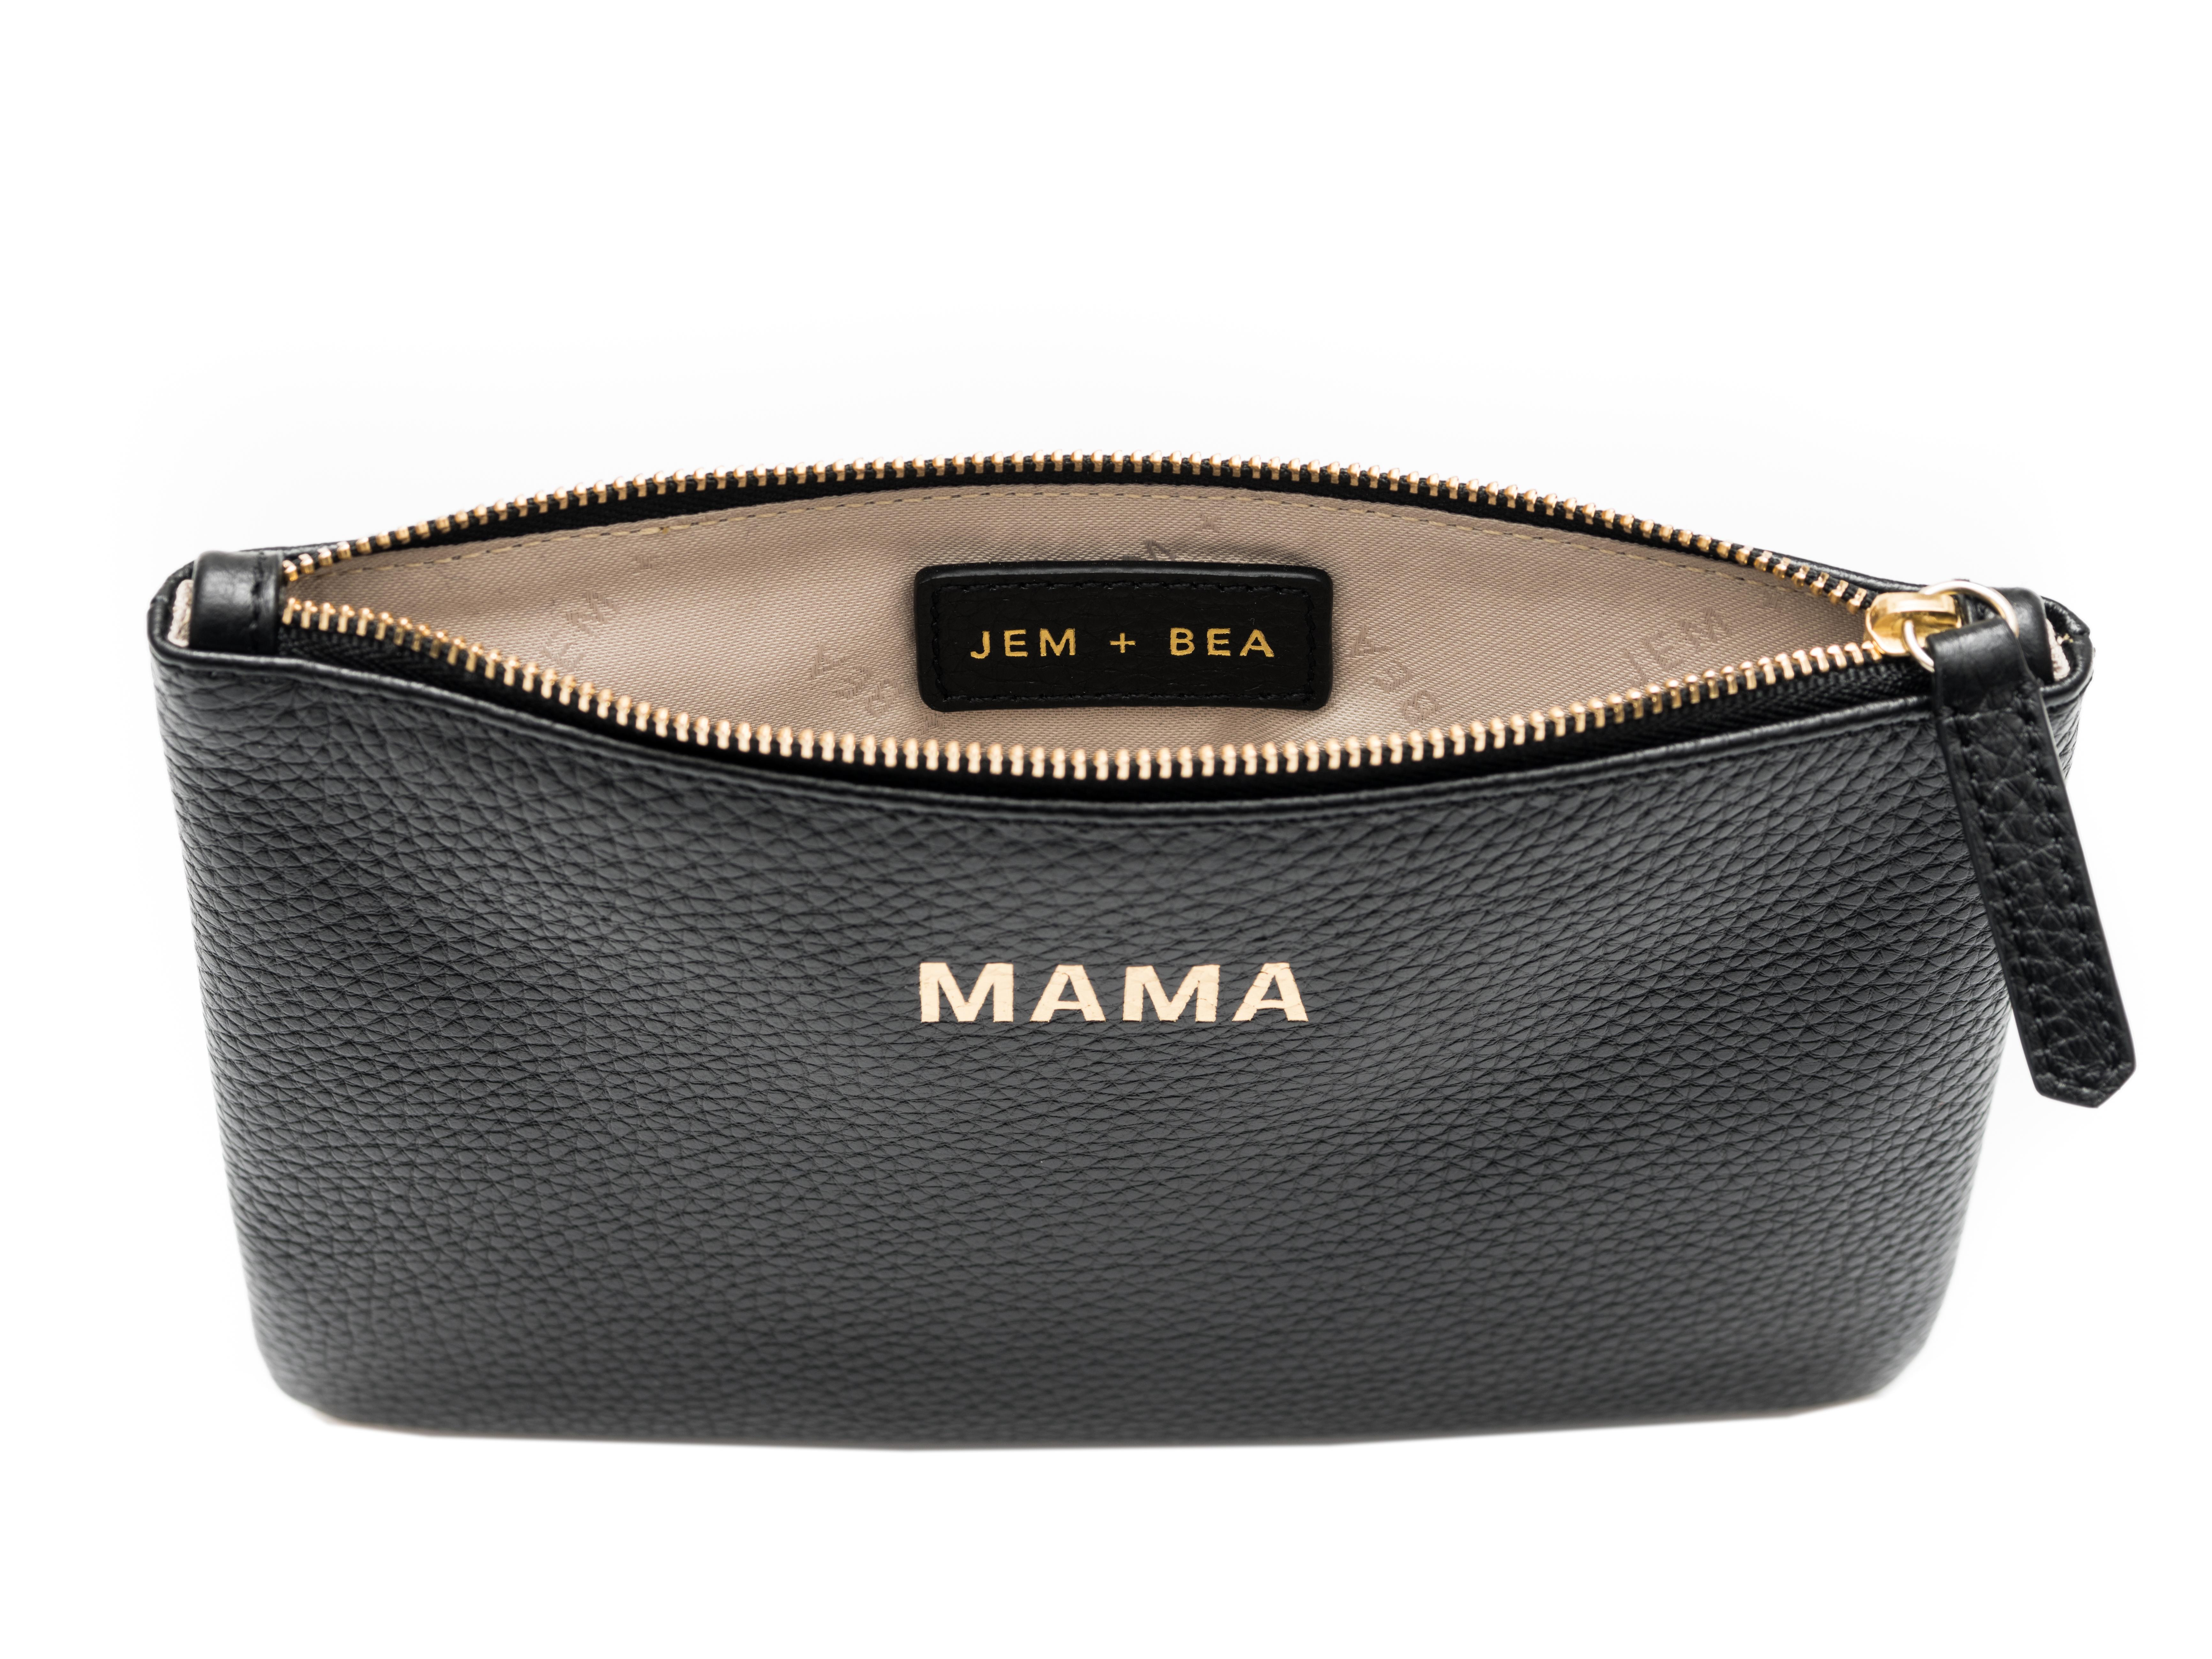 MAMA - black - open - £45